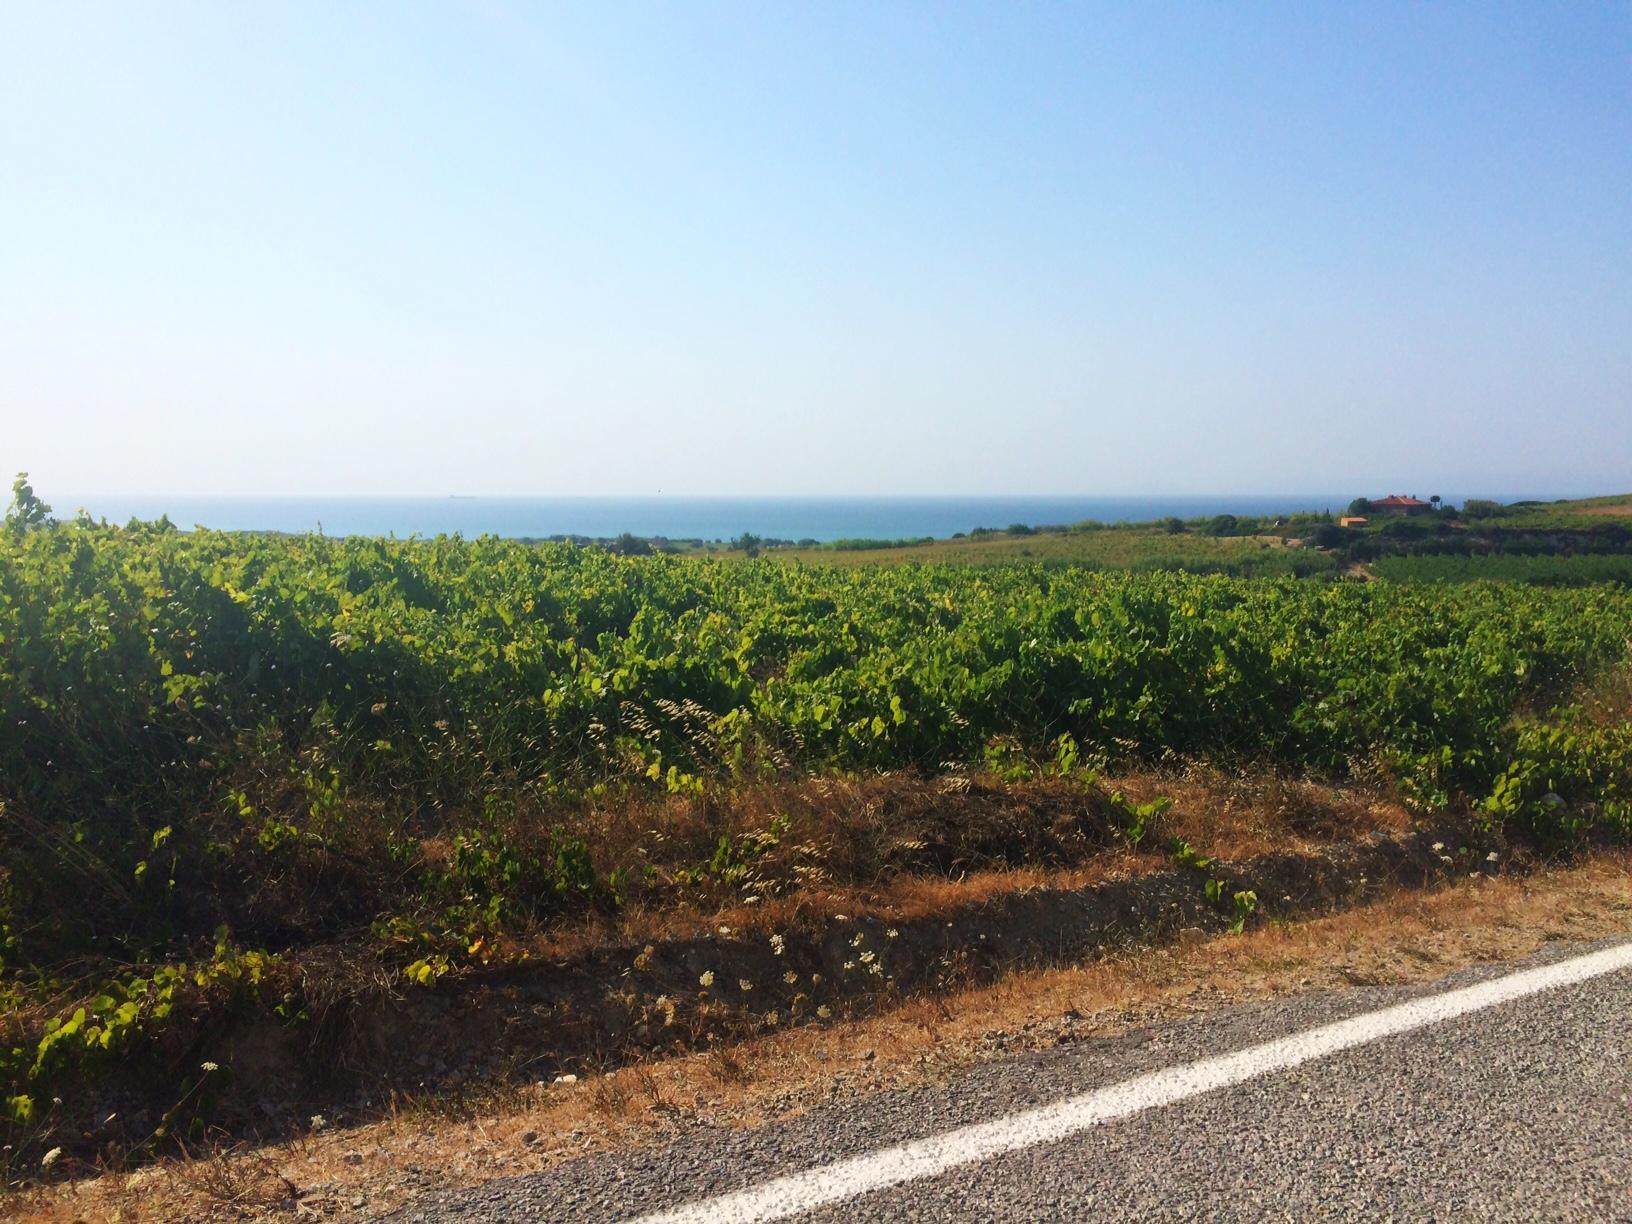 Bozcaada vineyard